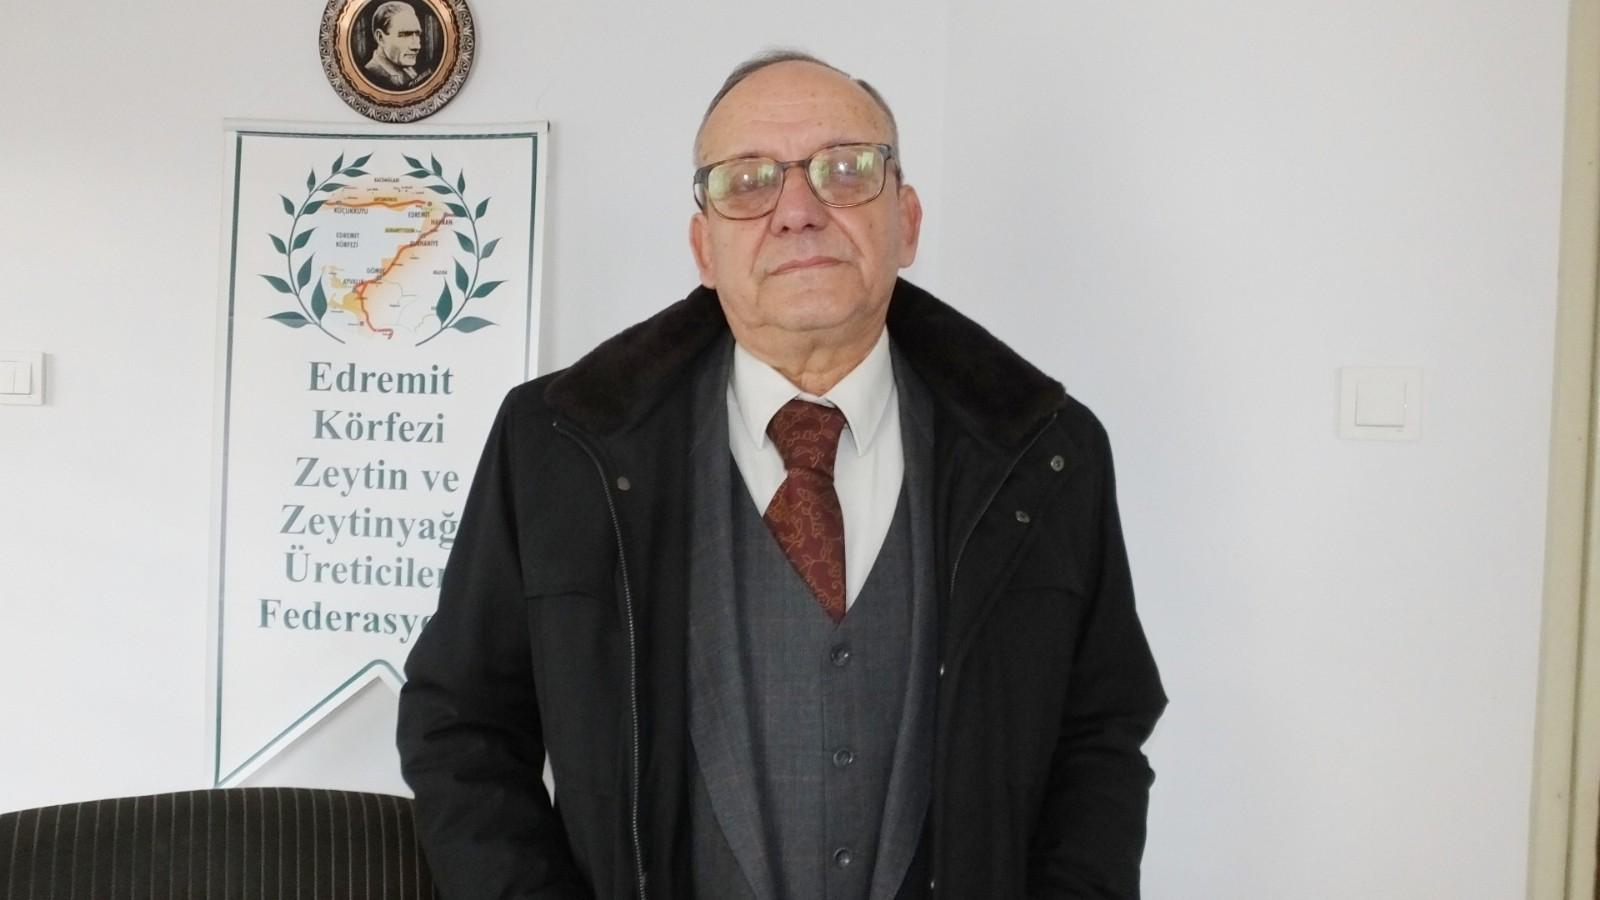 Sızma zeytinyağında toksin iddiası, Balıkesir'de zeytincileri kızdırdı